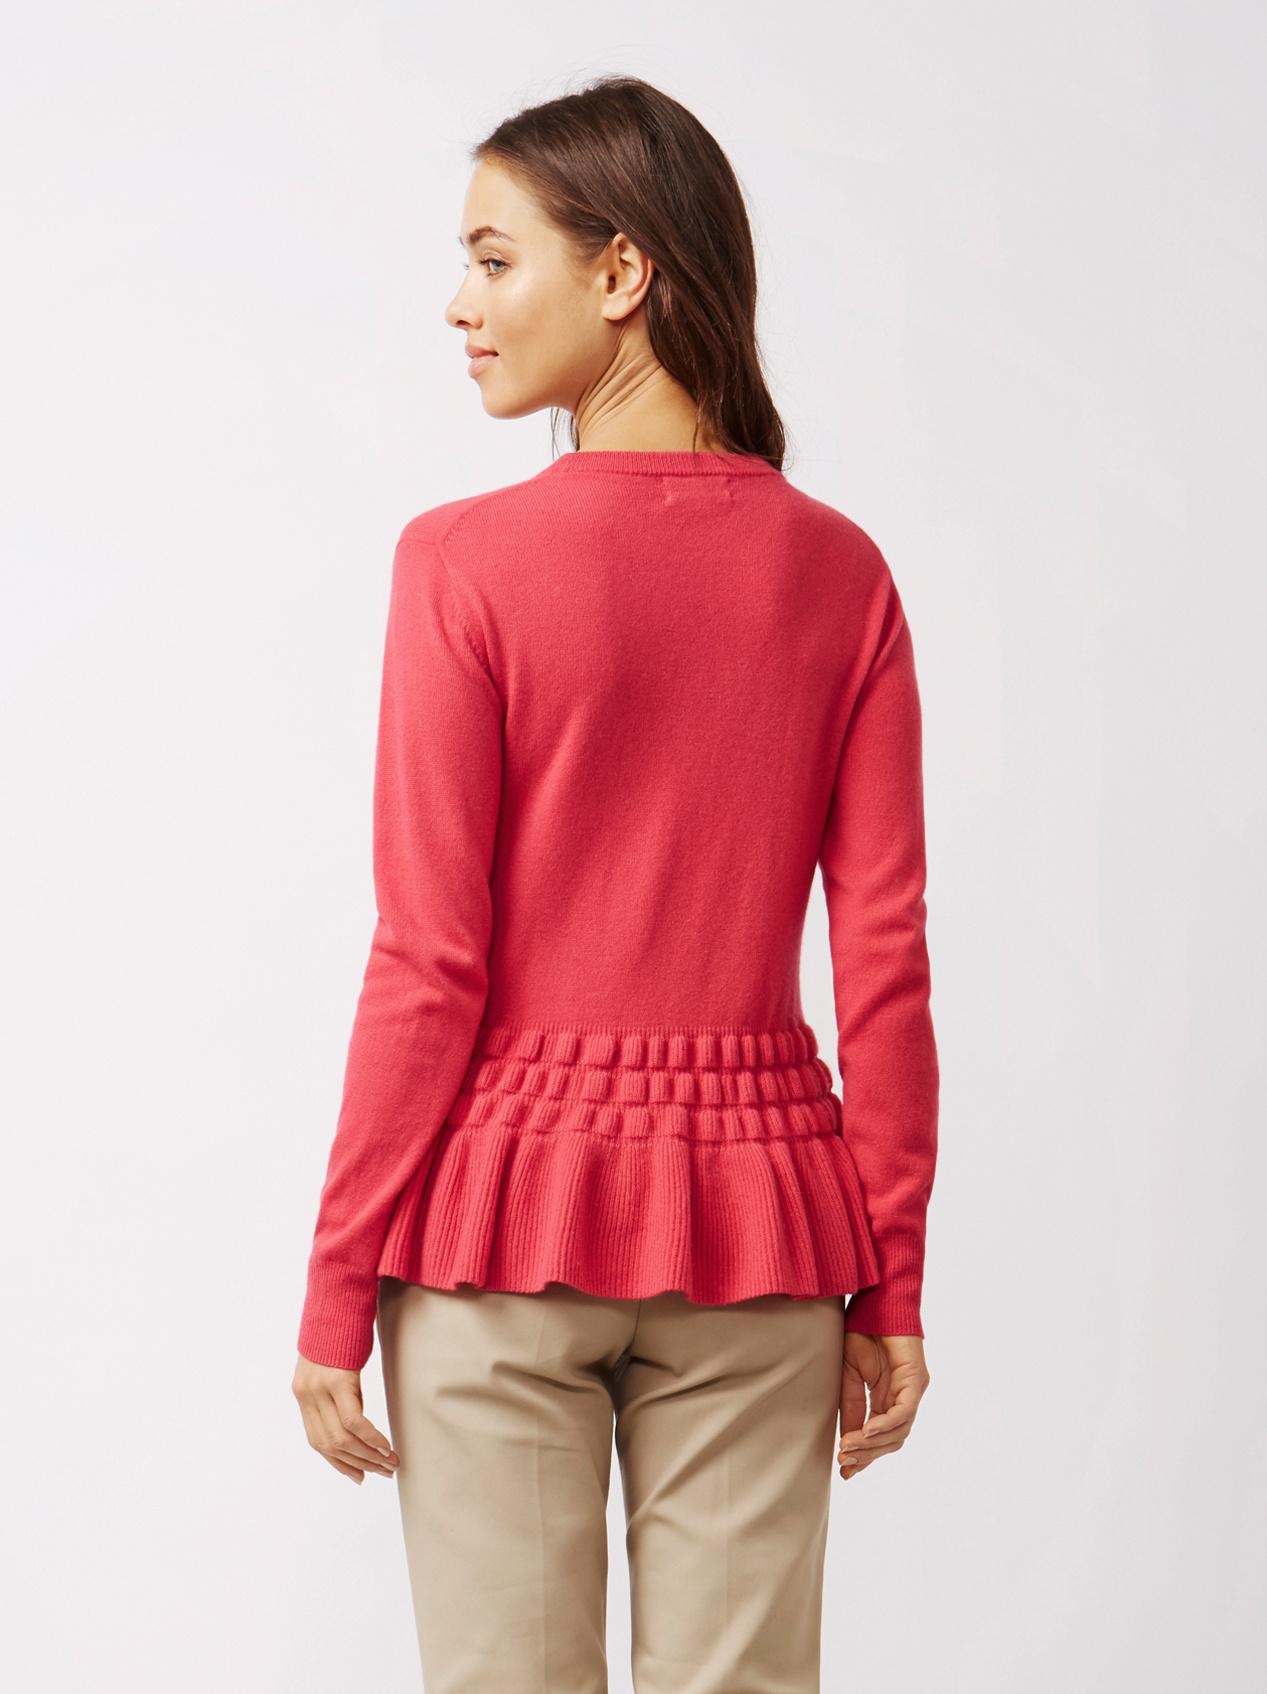 Soft Goat Women's Bottom Ruffle Sweater Very Berry